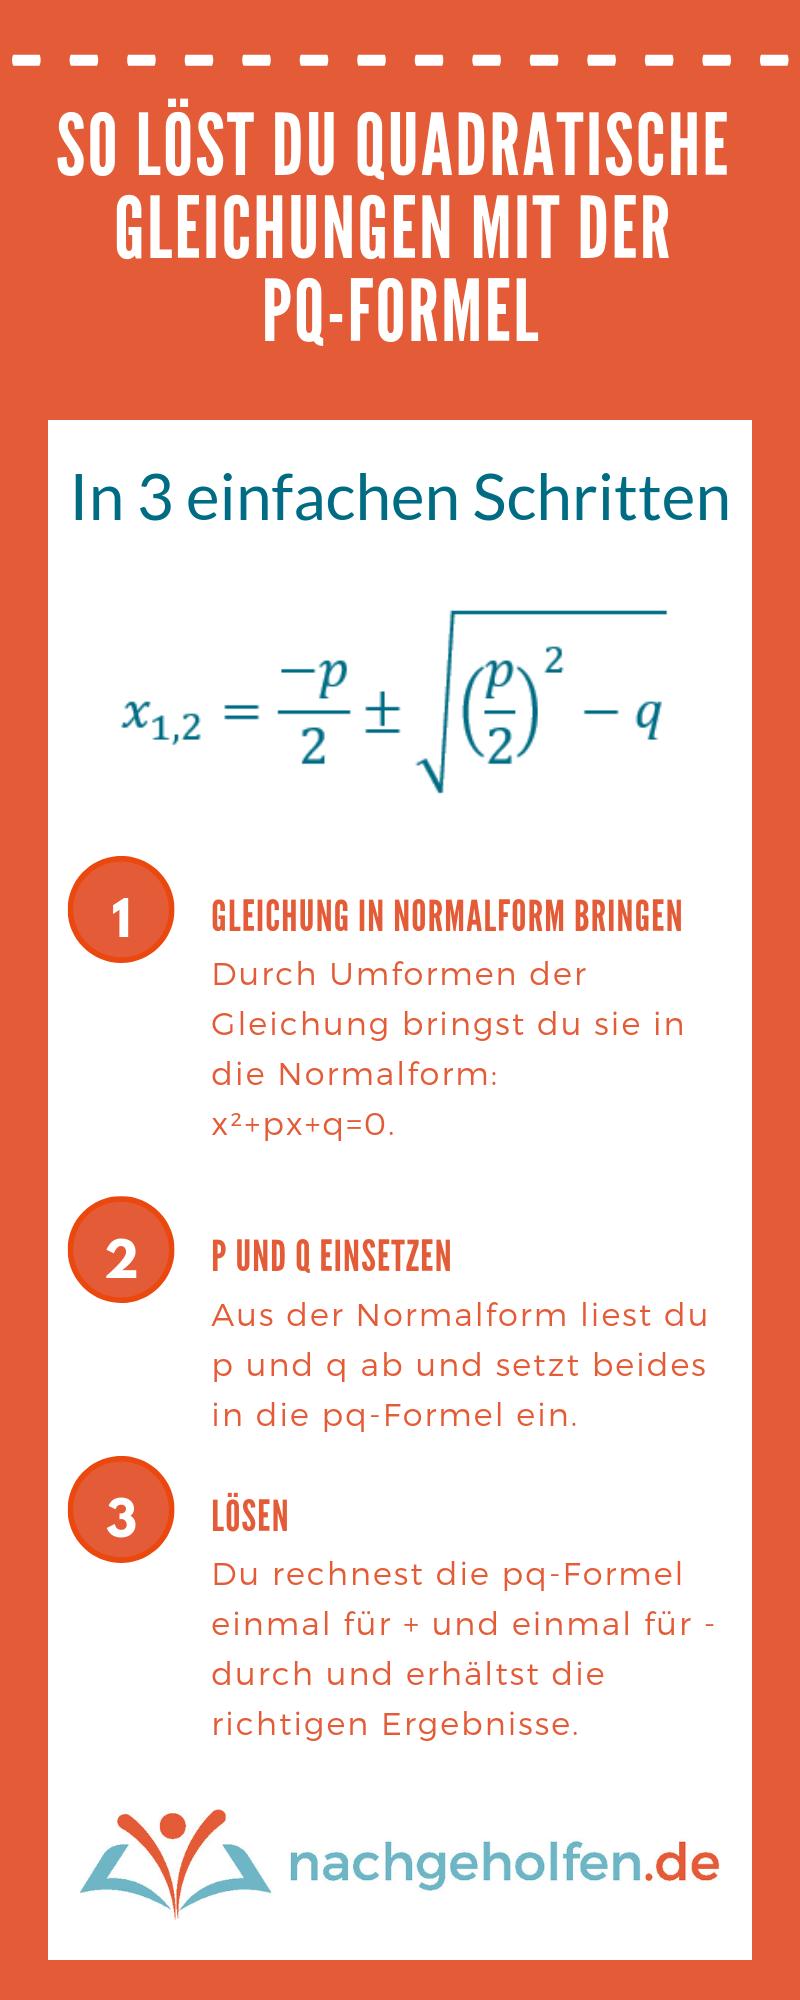 So wendest du die pq-Formel an(1)